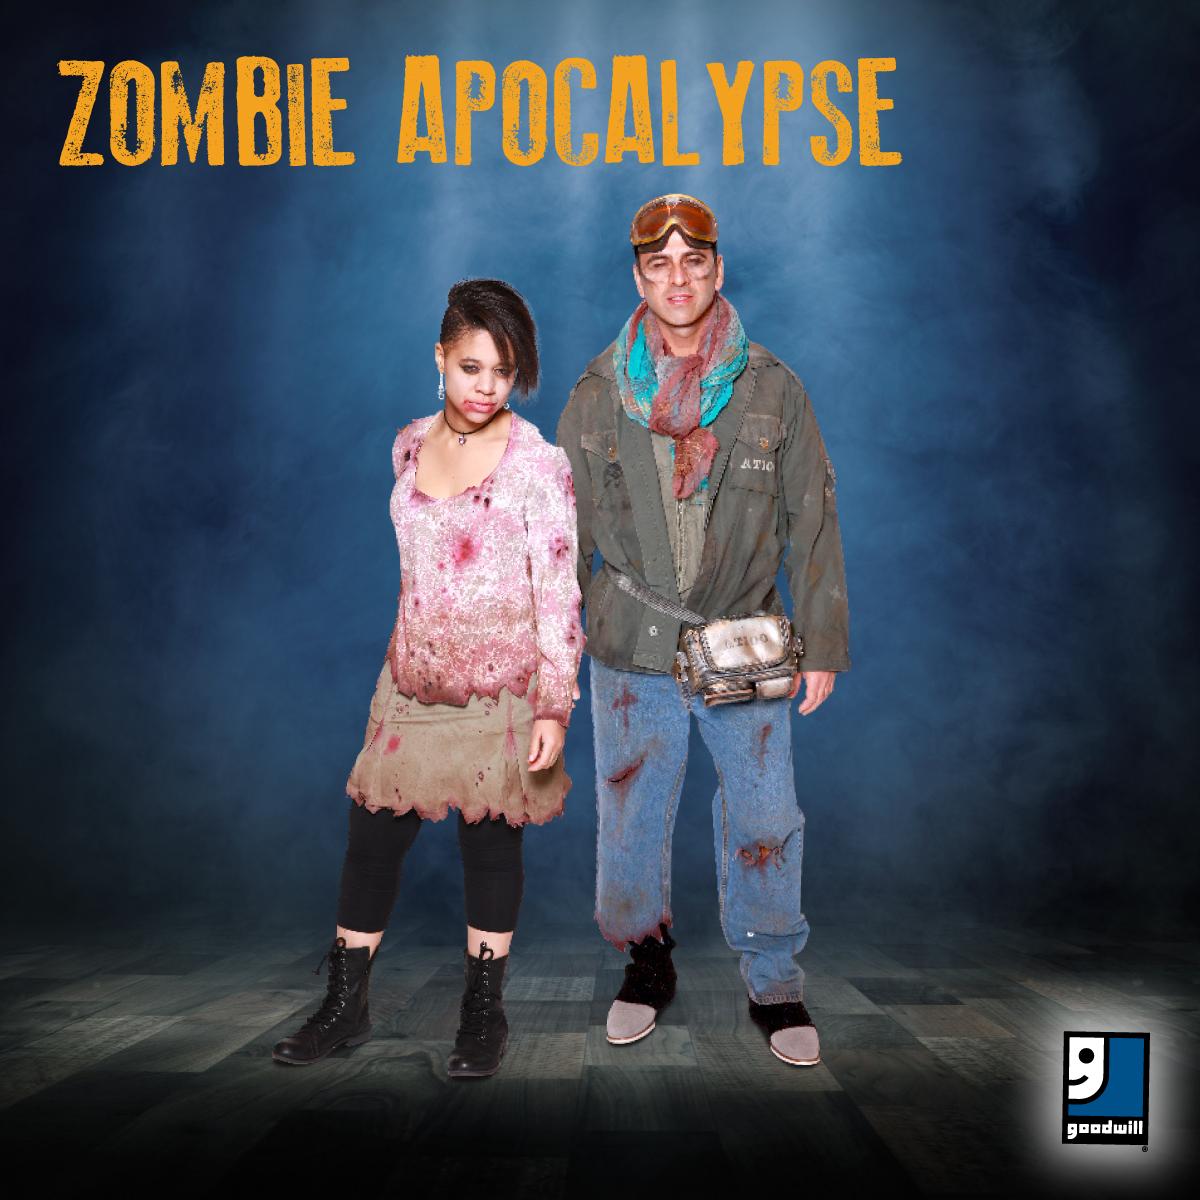 zombie-apocalypse-sq.jpg